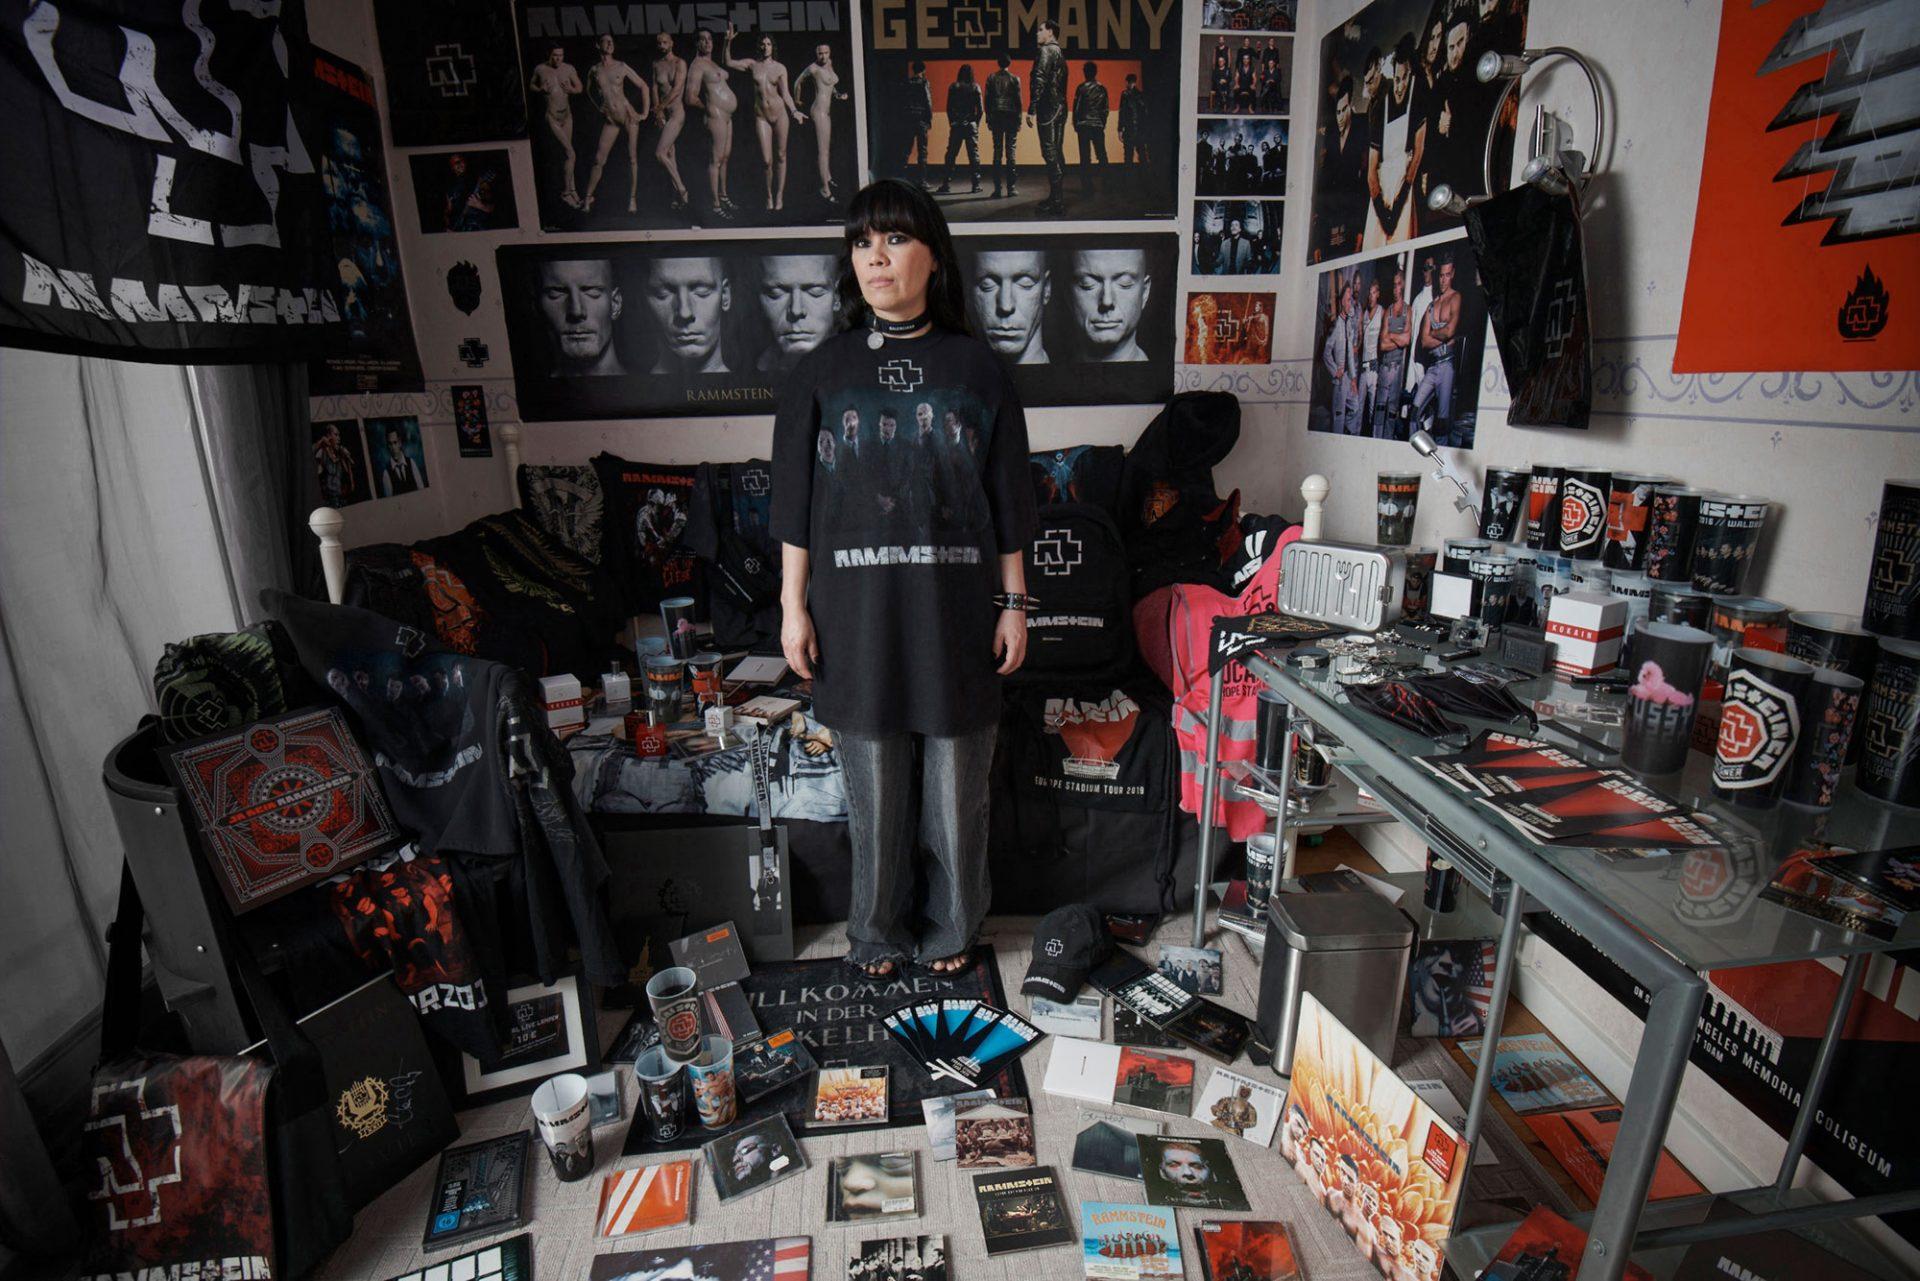 Rammstein portrait artwork by artist Gottfried Helnwein Fan Images photography by Patrick Welde